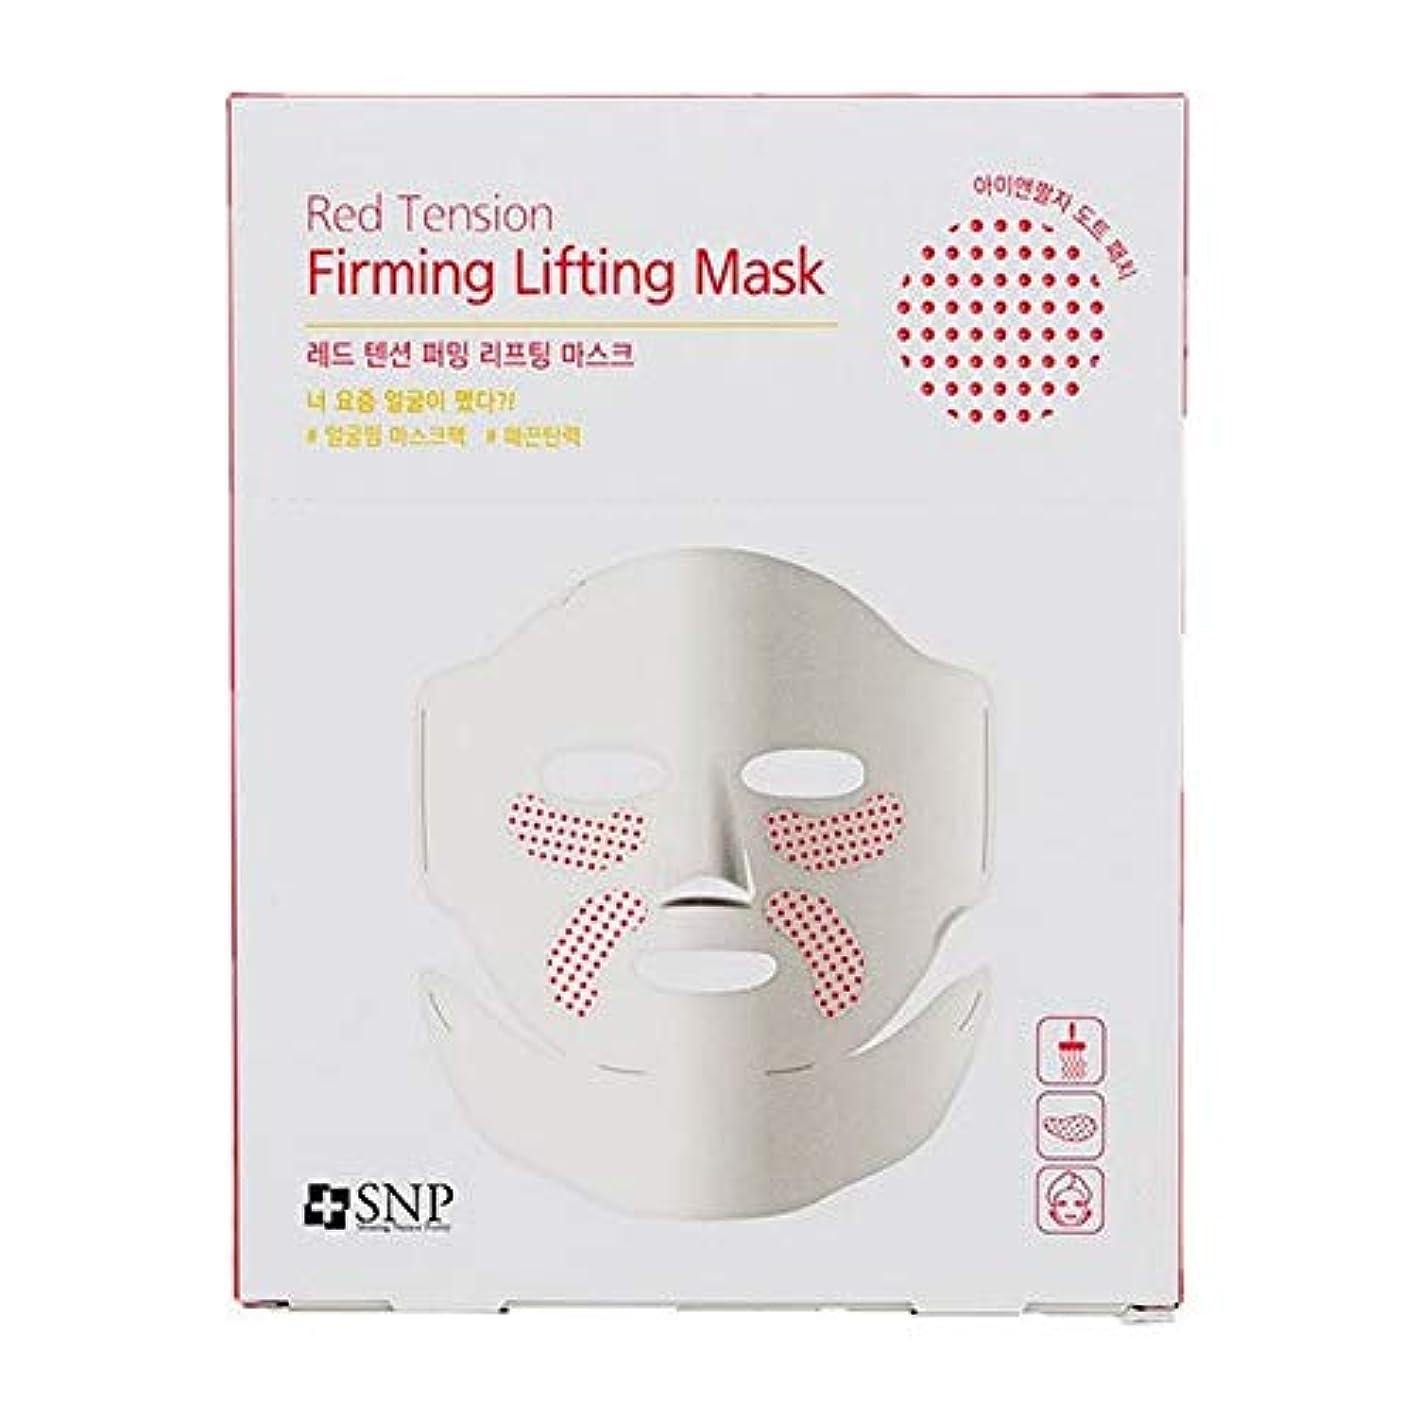 うなずく沼地ベスト[SNP] リフティングマスクを引き締めSnp赤テンション - SNP Red Tension Firming Lifting Mask [並行輸入品]